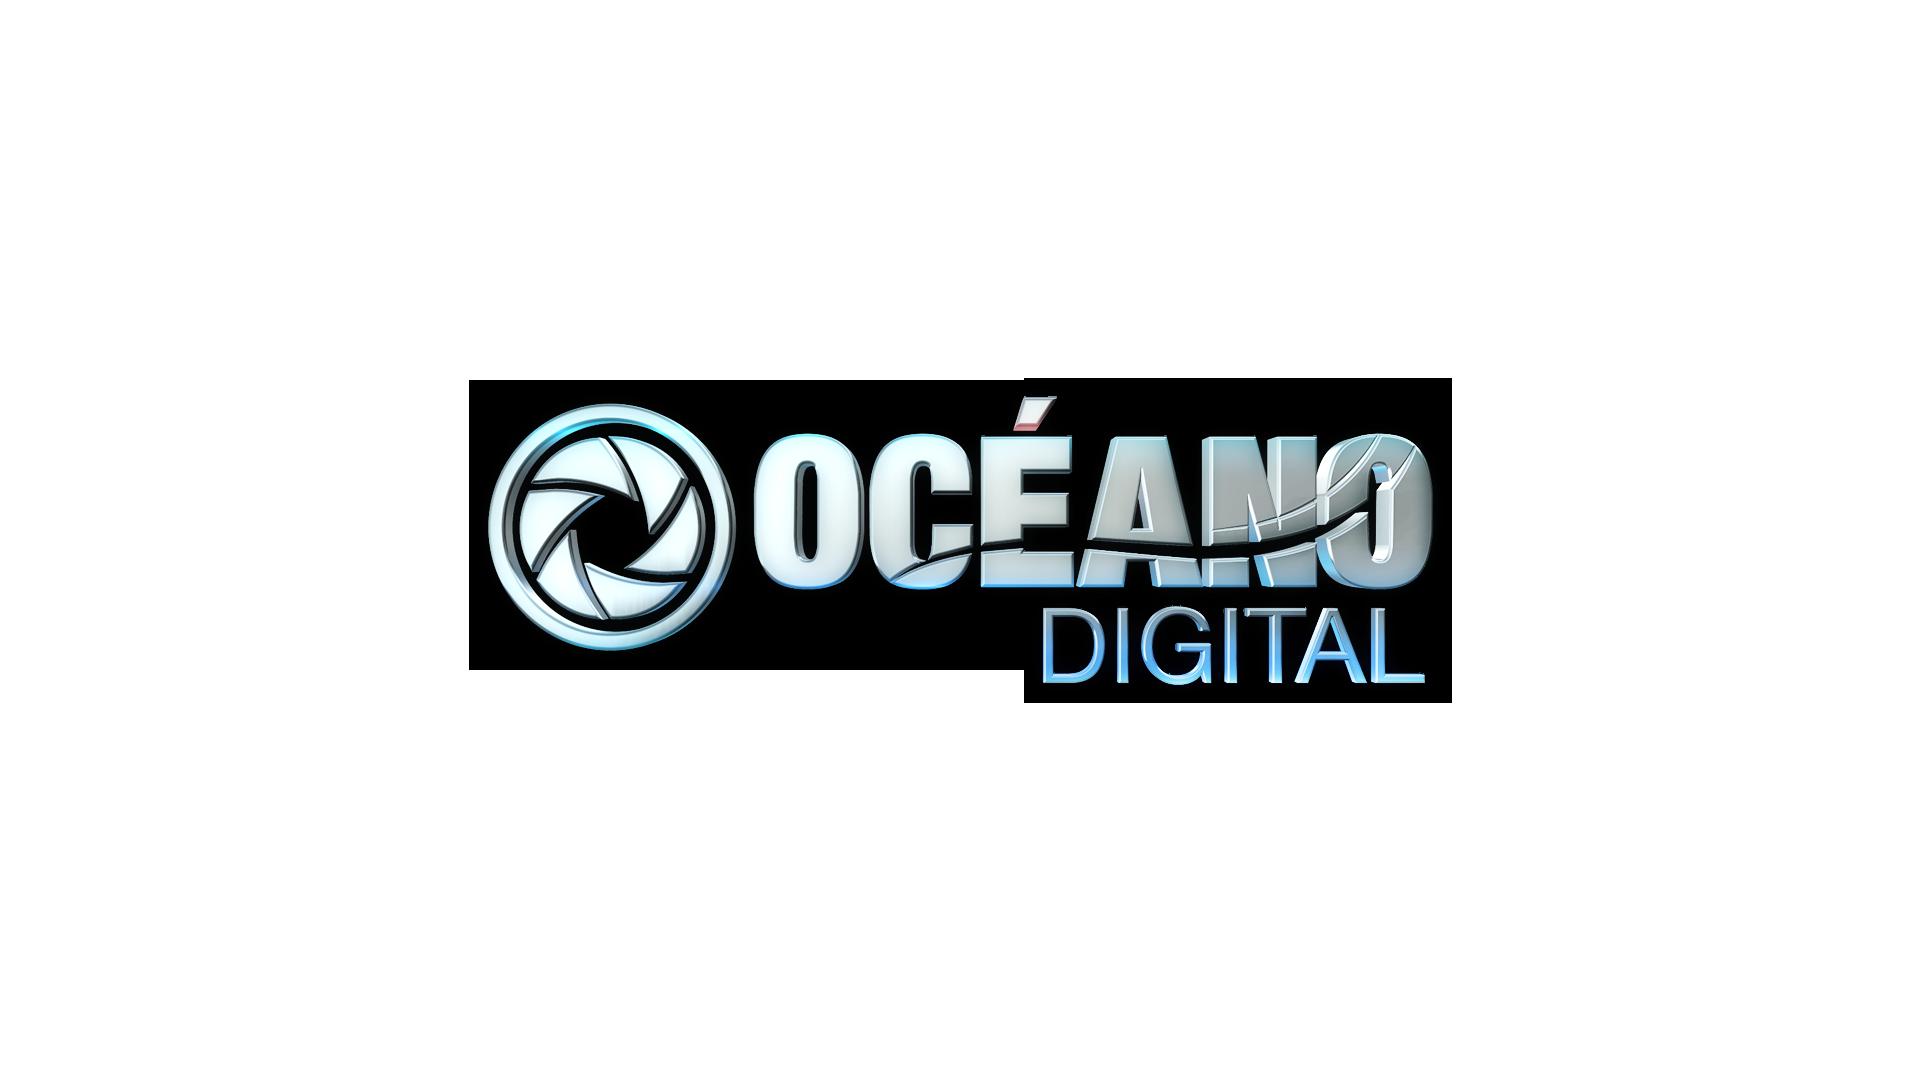 Logo Oceano Digital